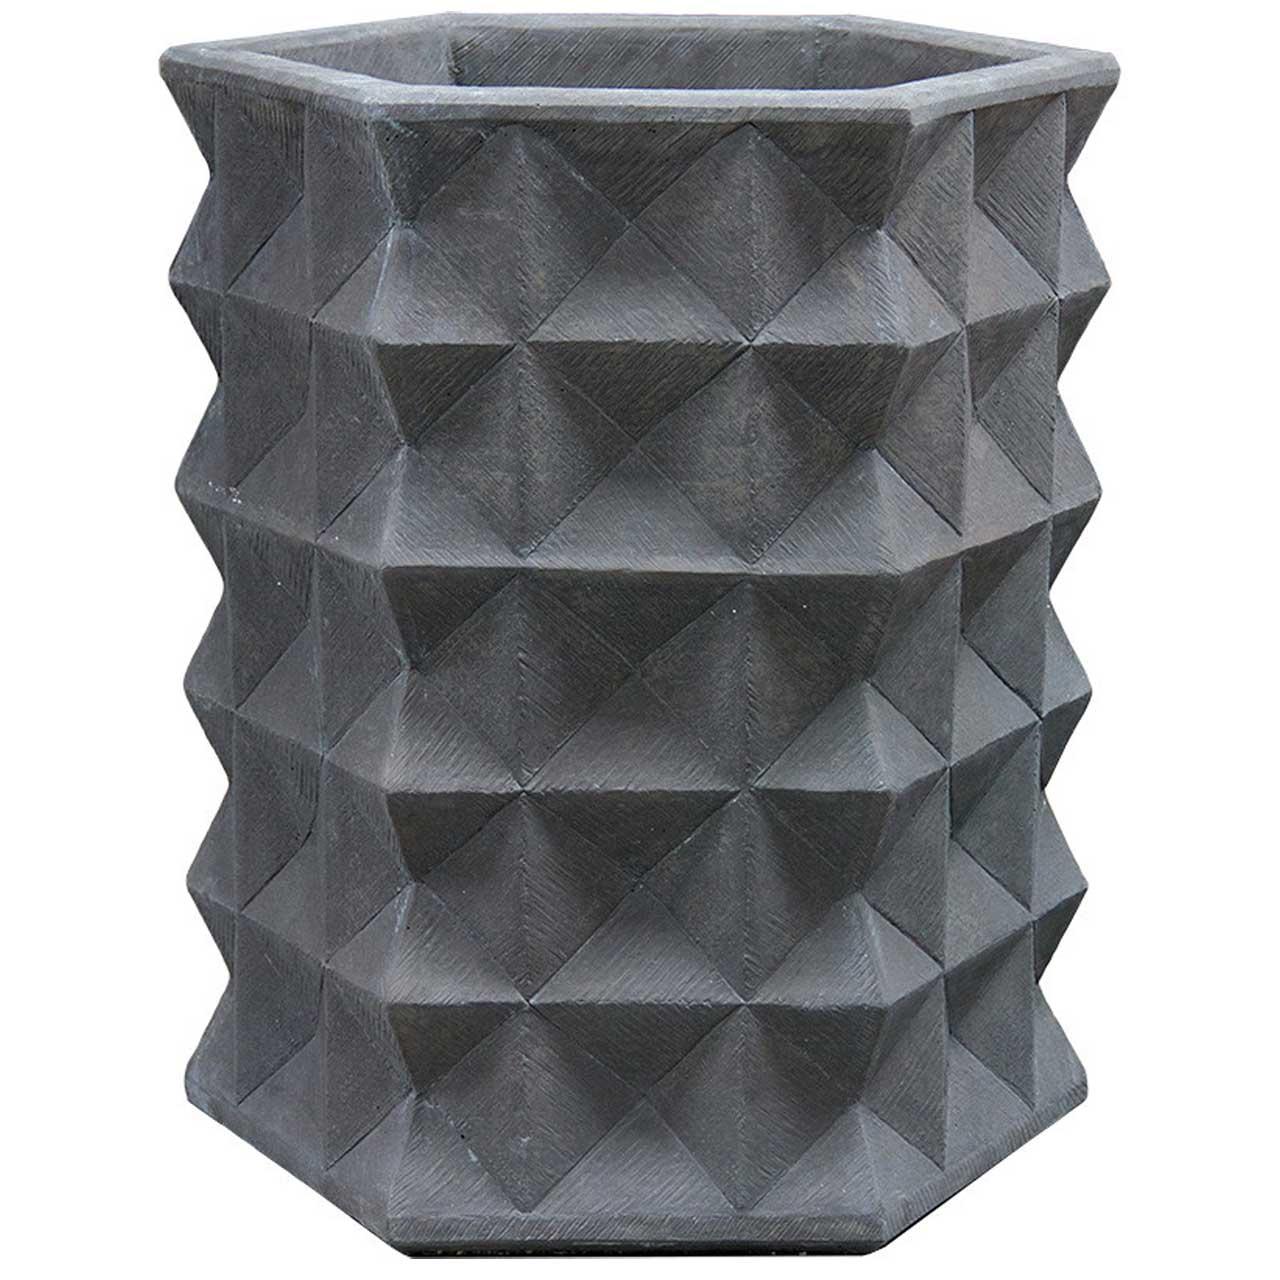 topaz-planter in black finish